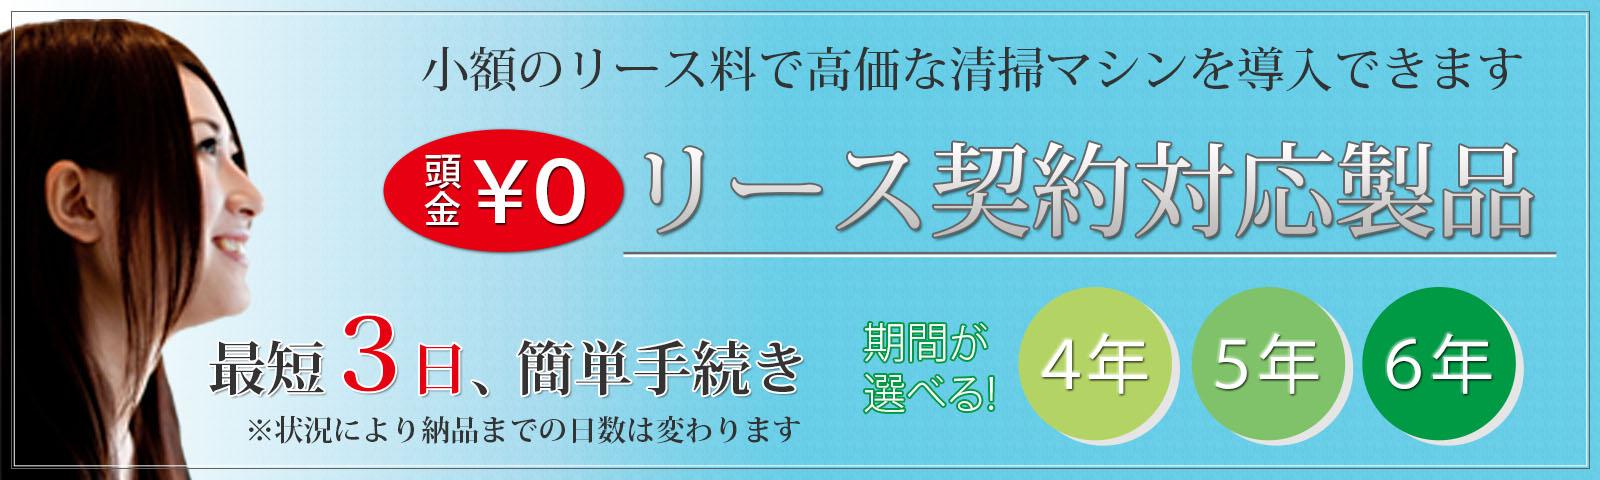 リース契約可能商品(20万円以上のすべてのマシン製品が対象)